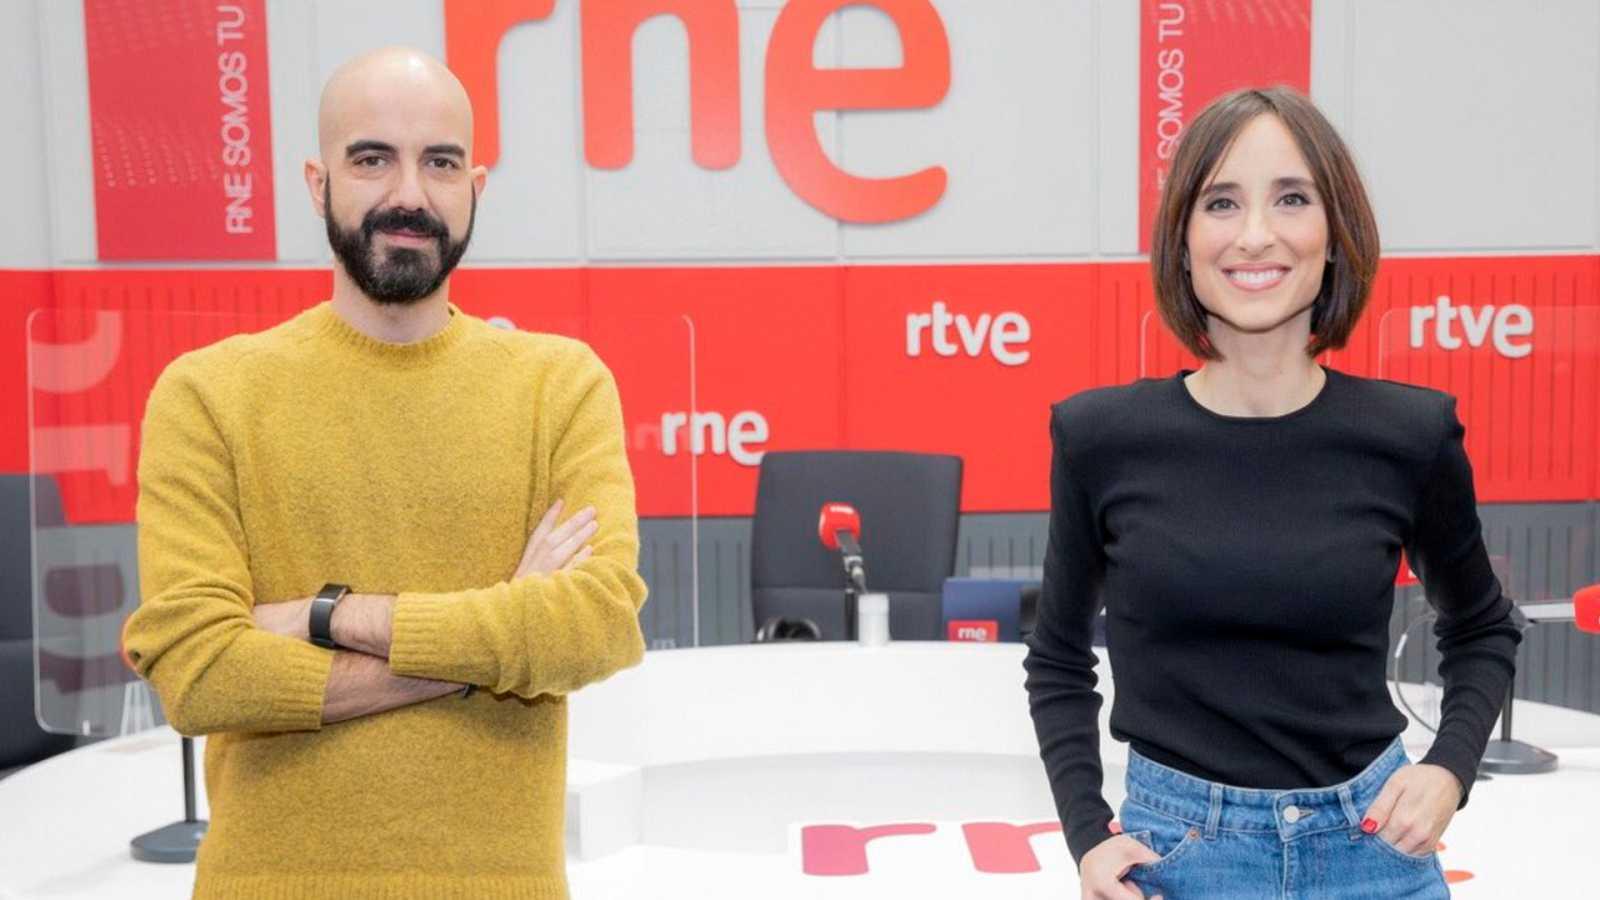 Tarde lo que tarde - MediaMarce: Miguel Bosé, Eurovisión y Radiopasión - 20/04/21 - Escuchar ahora